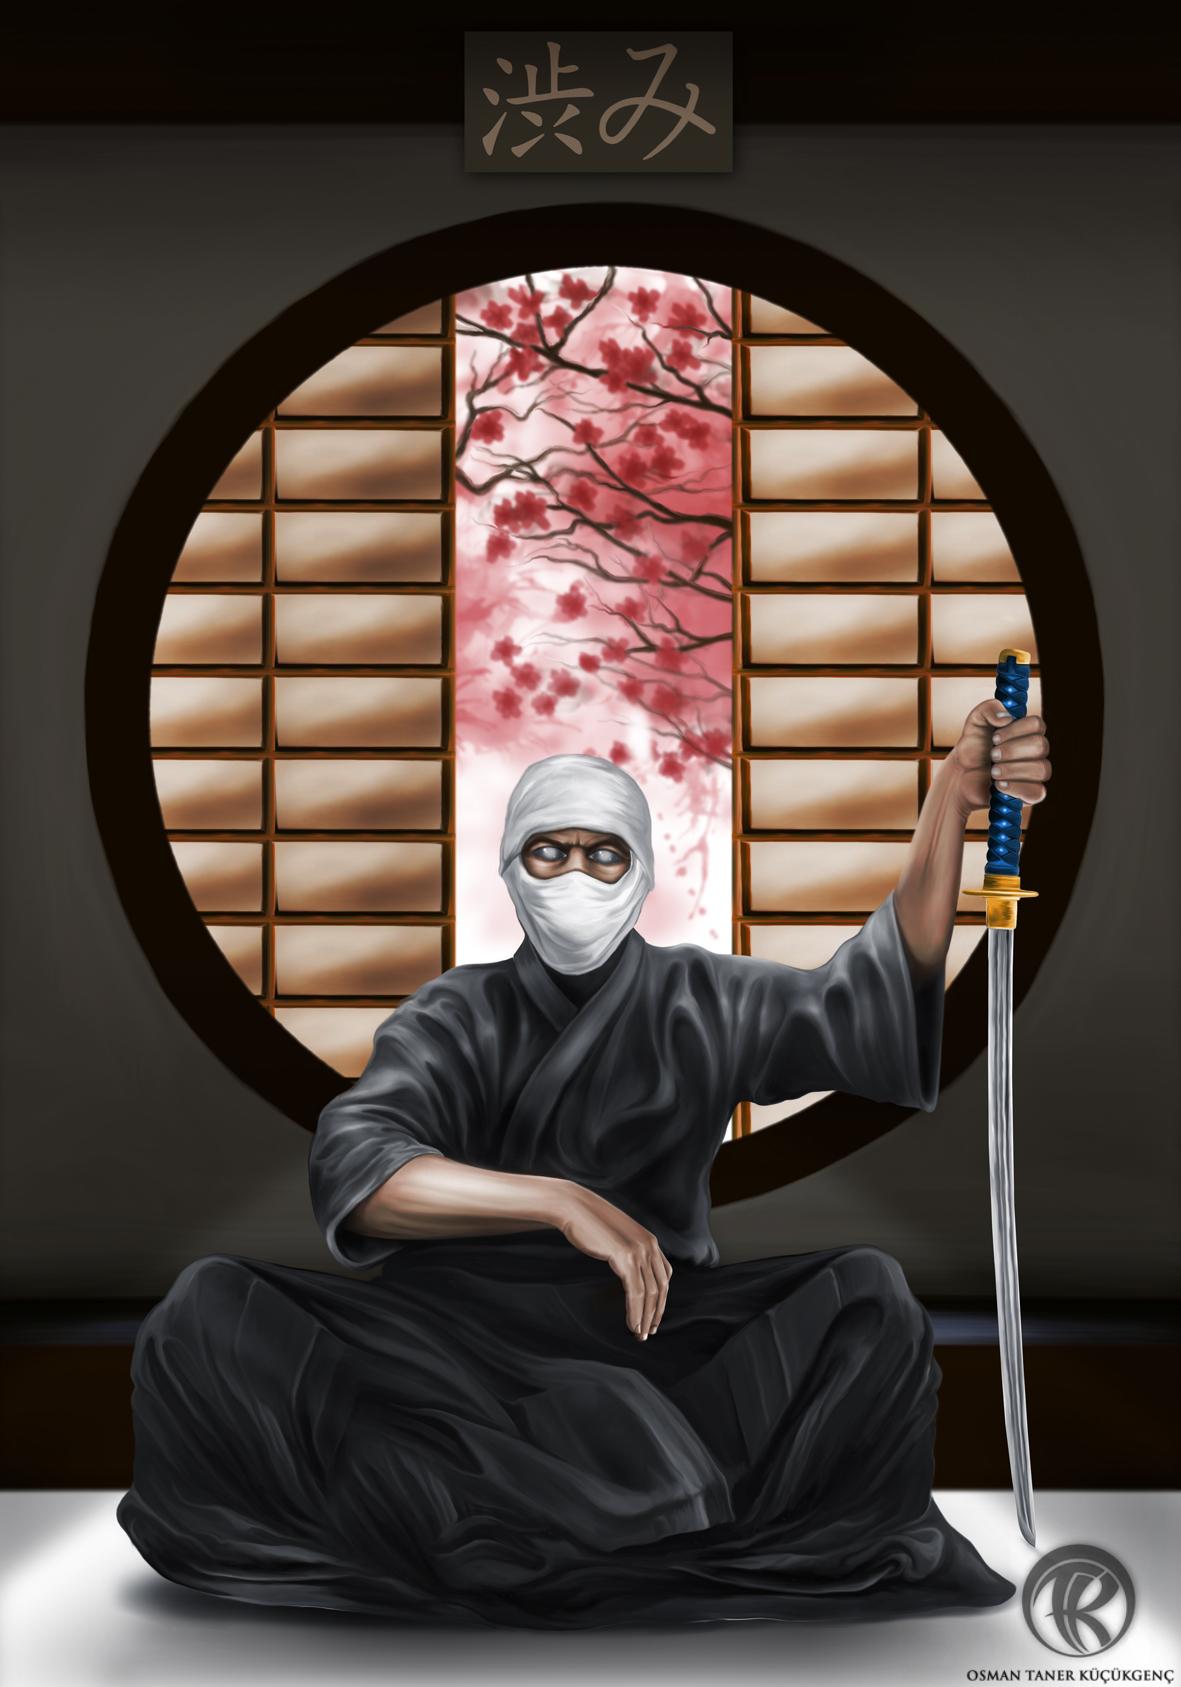 S A B A K I -  Nicholai Hel  - Digital Painting wacom intuos 5 - Photoshop CS5